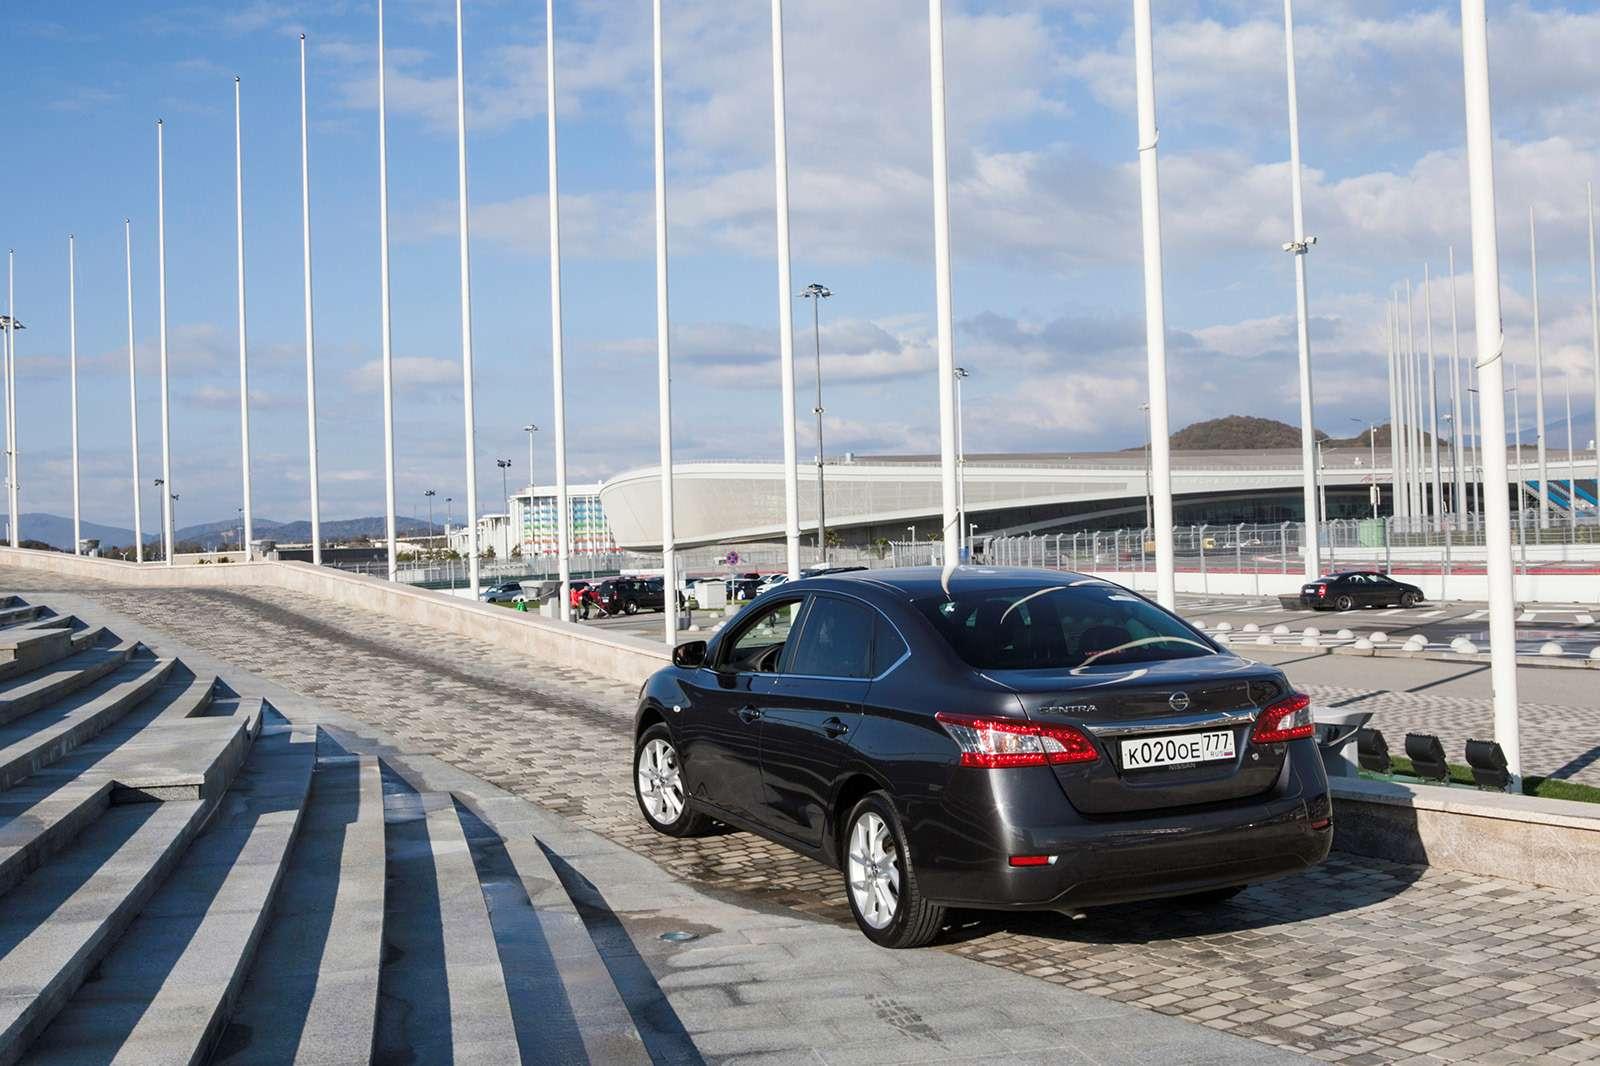 Двемодели Nissan ушли сроссийского рынка. Какие ипочему?— фото 817288